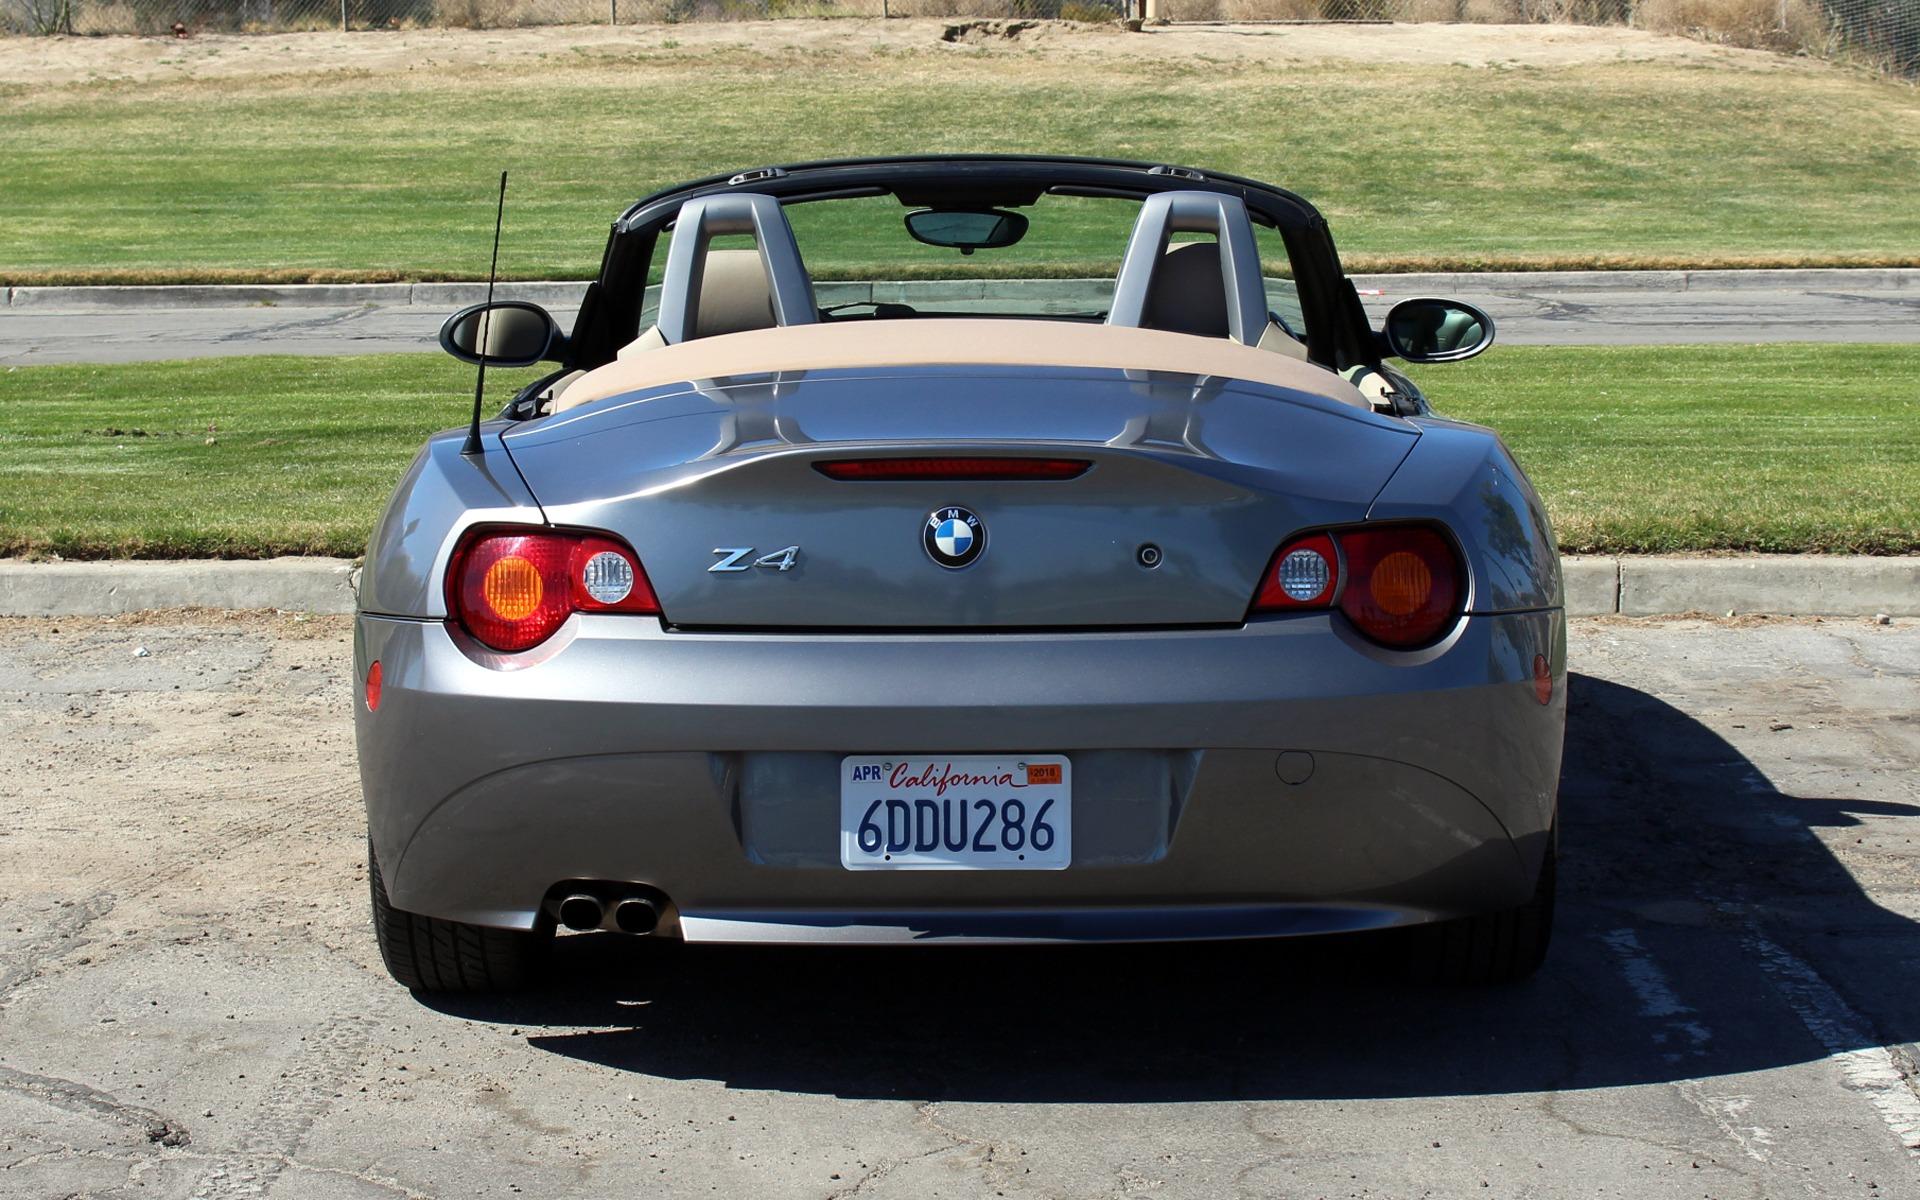 2003 Bmw Z4 2 5i Stock Bm156 For Sale Near Palm Springs